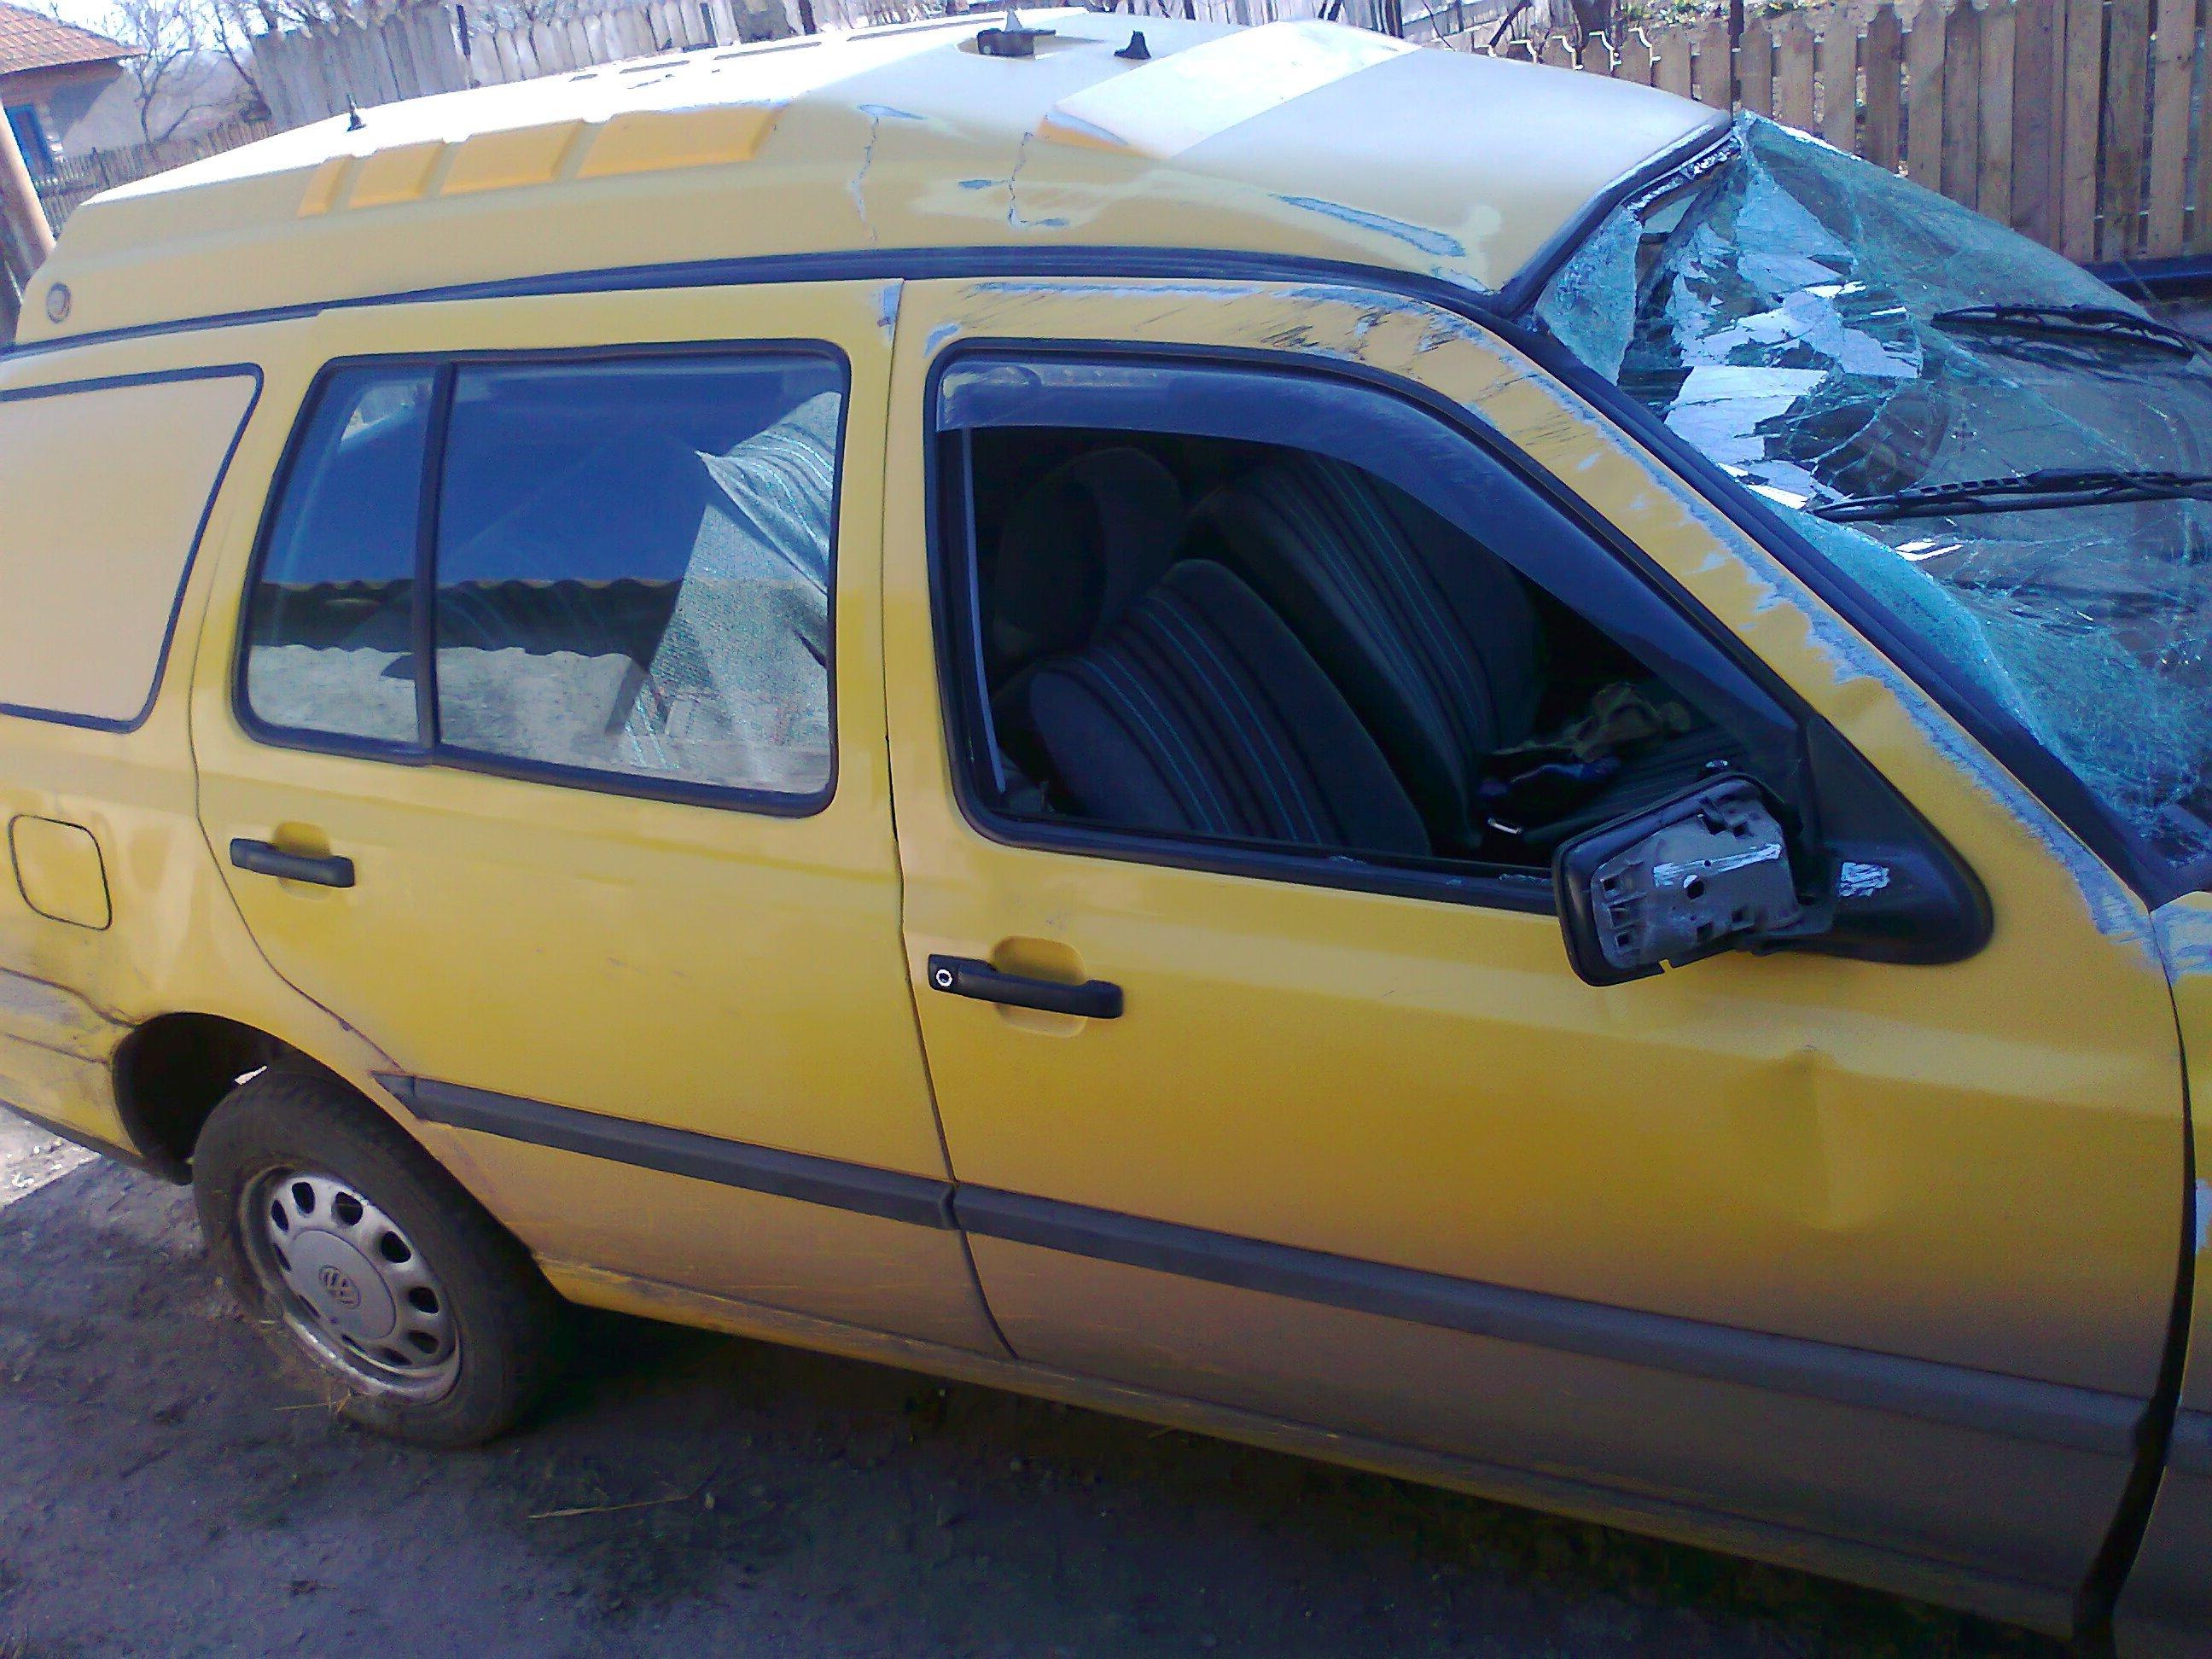 Volkswagen Golf-III avariat 1999 Diesel Combi - 02 Mai 2011 - Poza 2